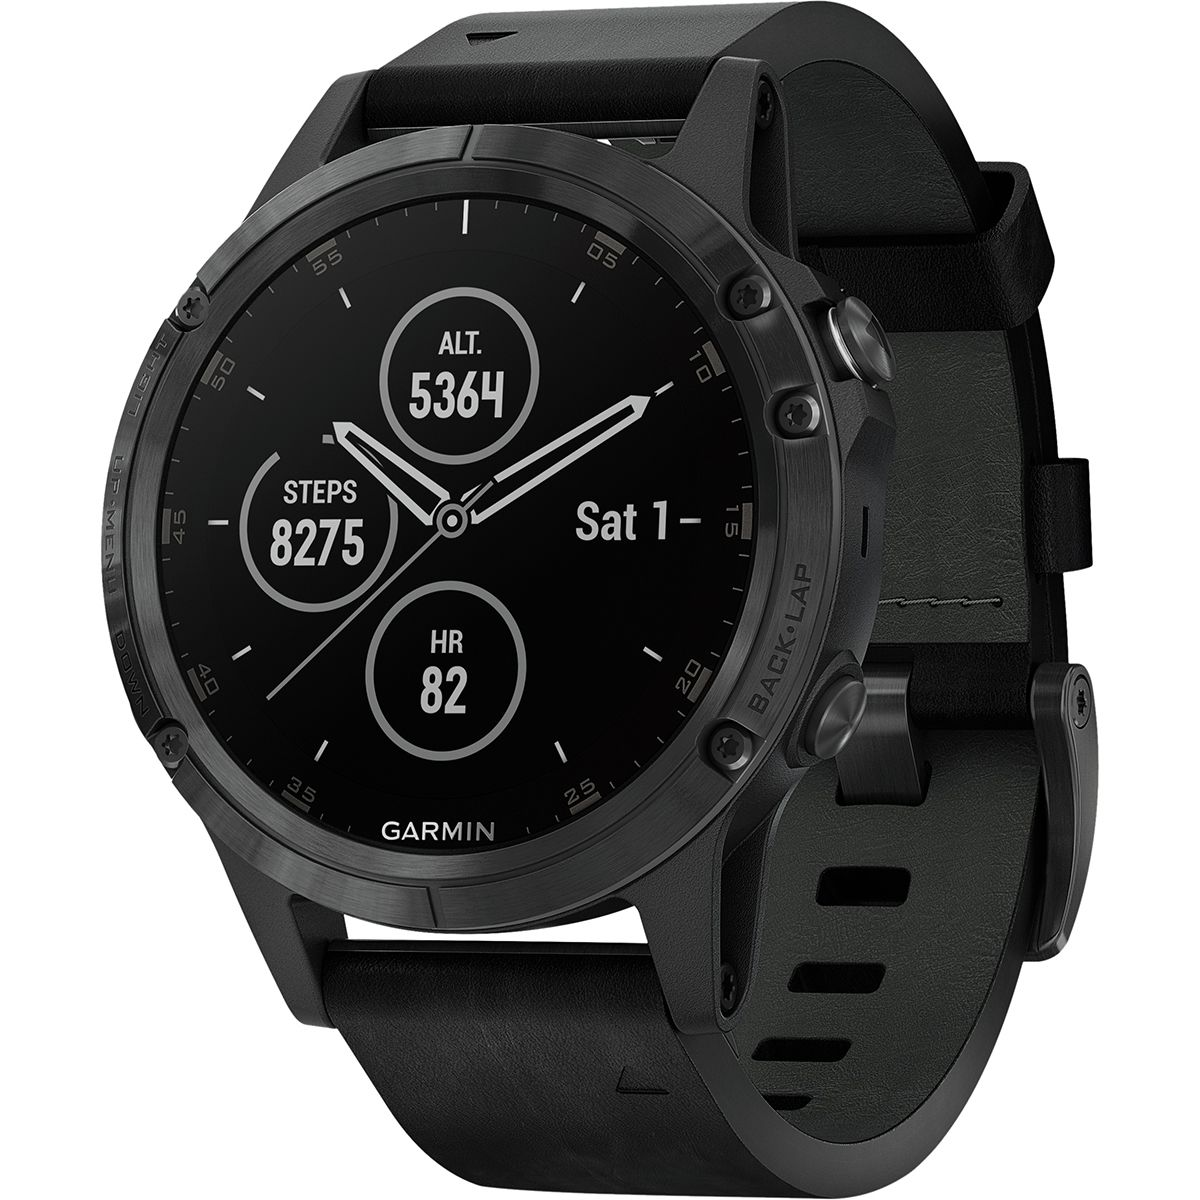 photo: Garmin fenix 5 Plus gps watch